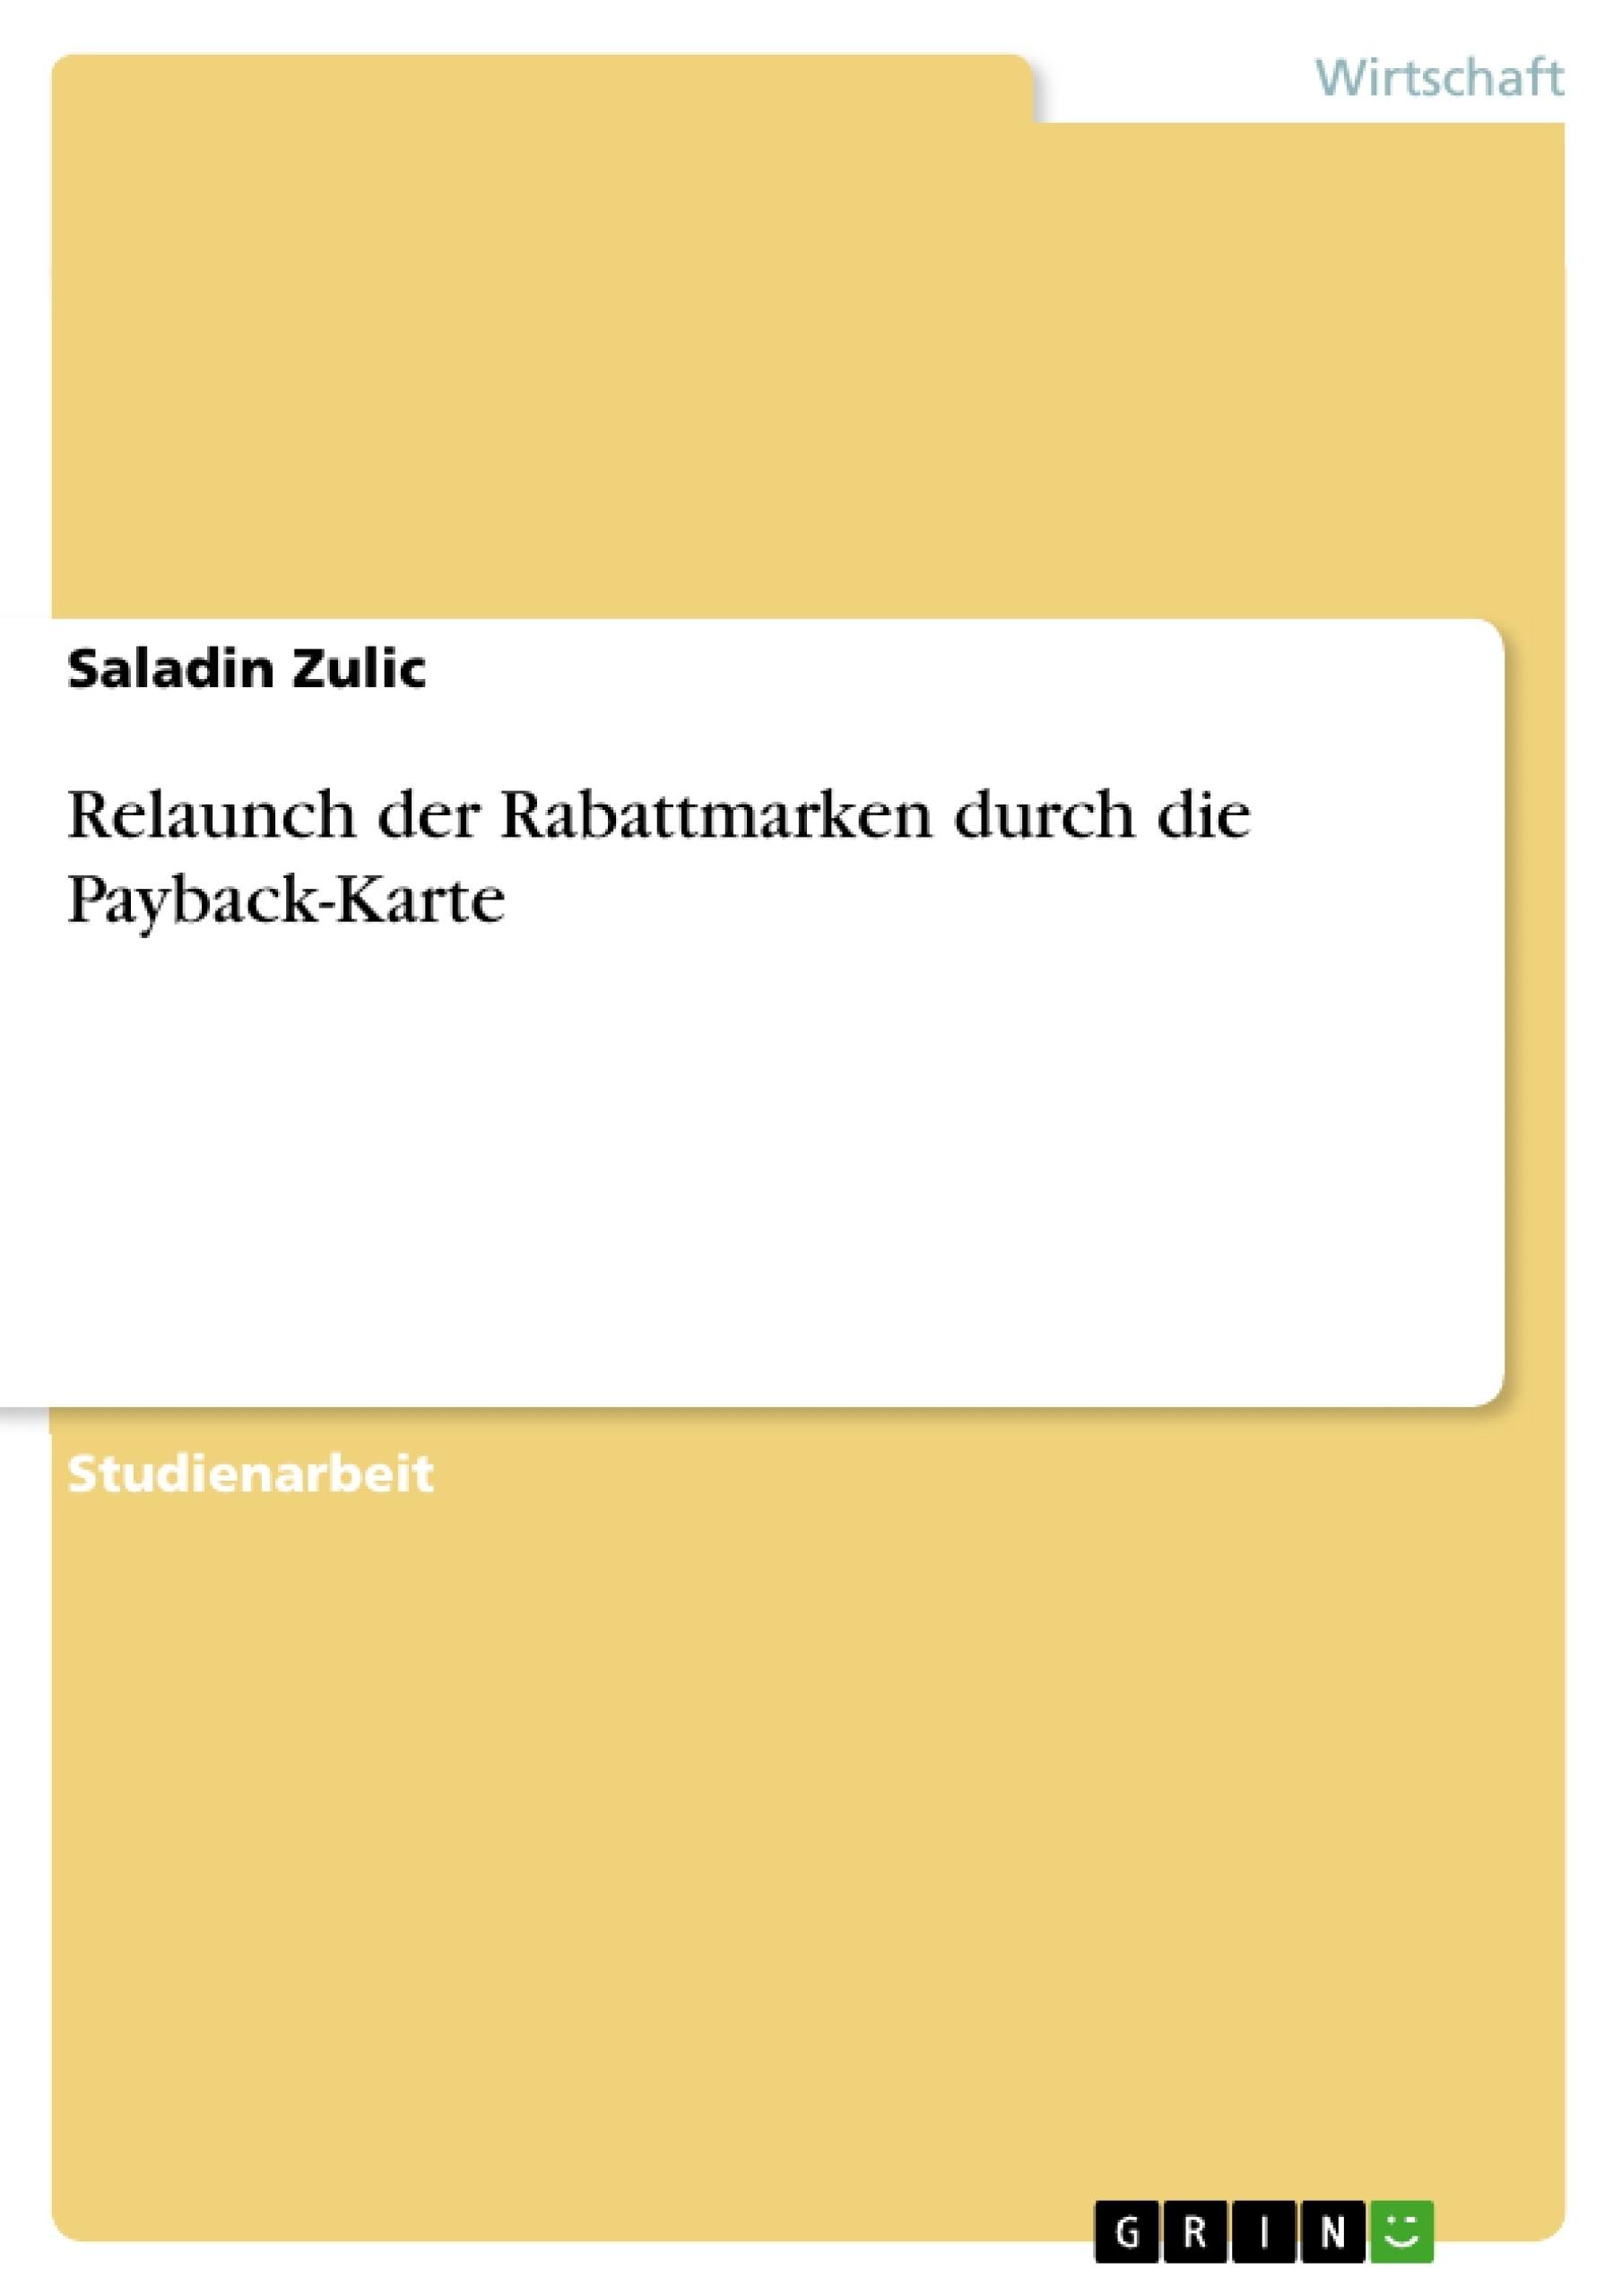 Titel: Relaunch der Rabattmarken durch die Payback-Karte